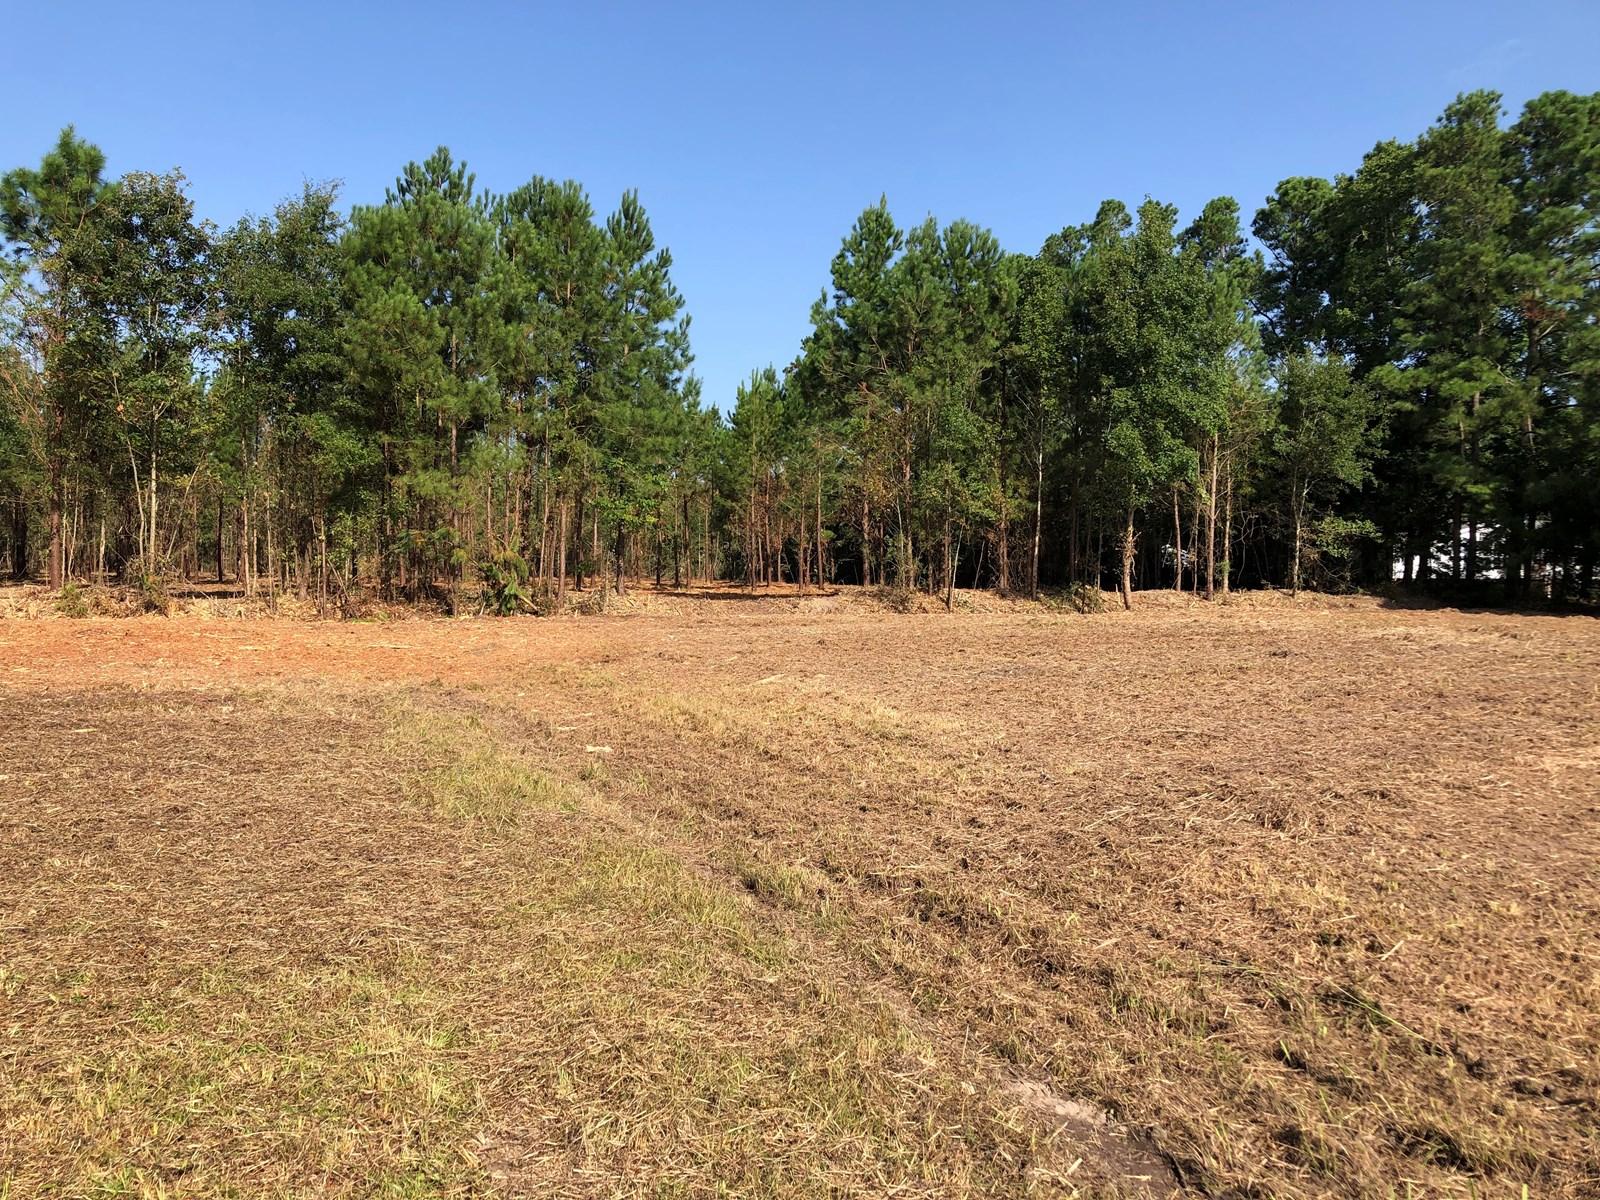 Land For Sale in Belhaven, North Carolina